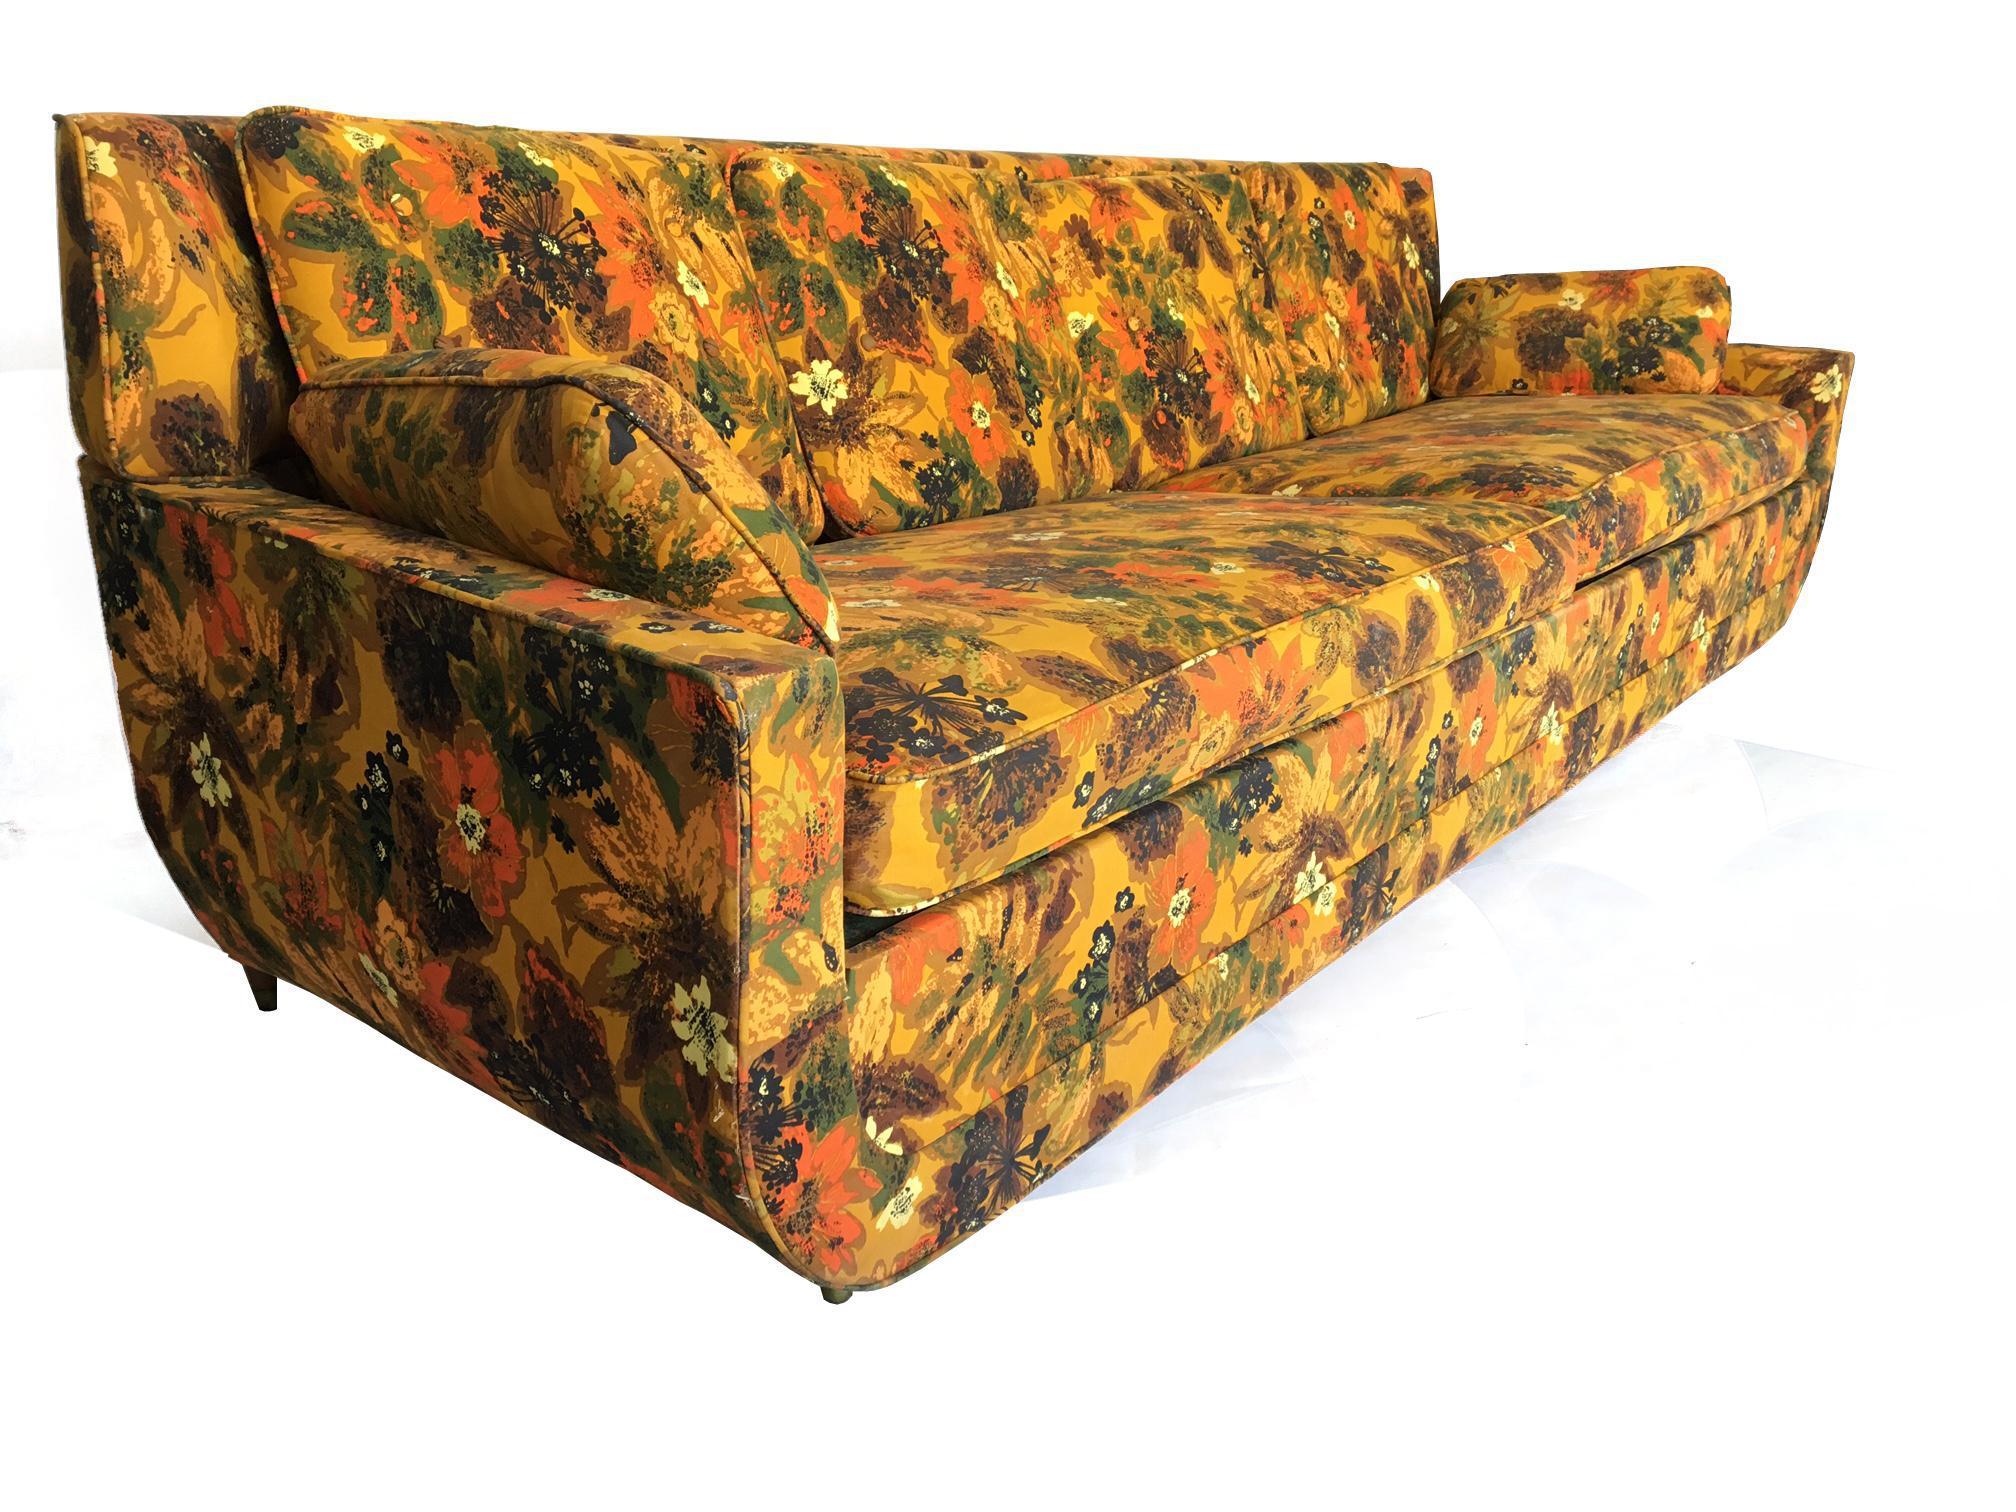 1967 Vintage Bernard Castro Mid Century Modern Fl Sleeper Sofa For At 1stdibs